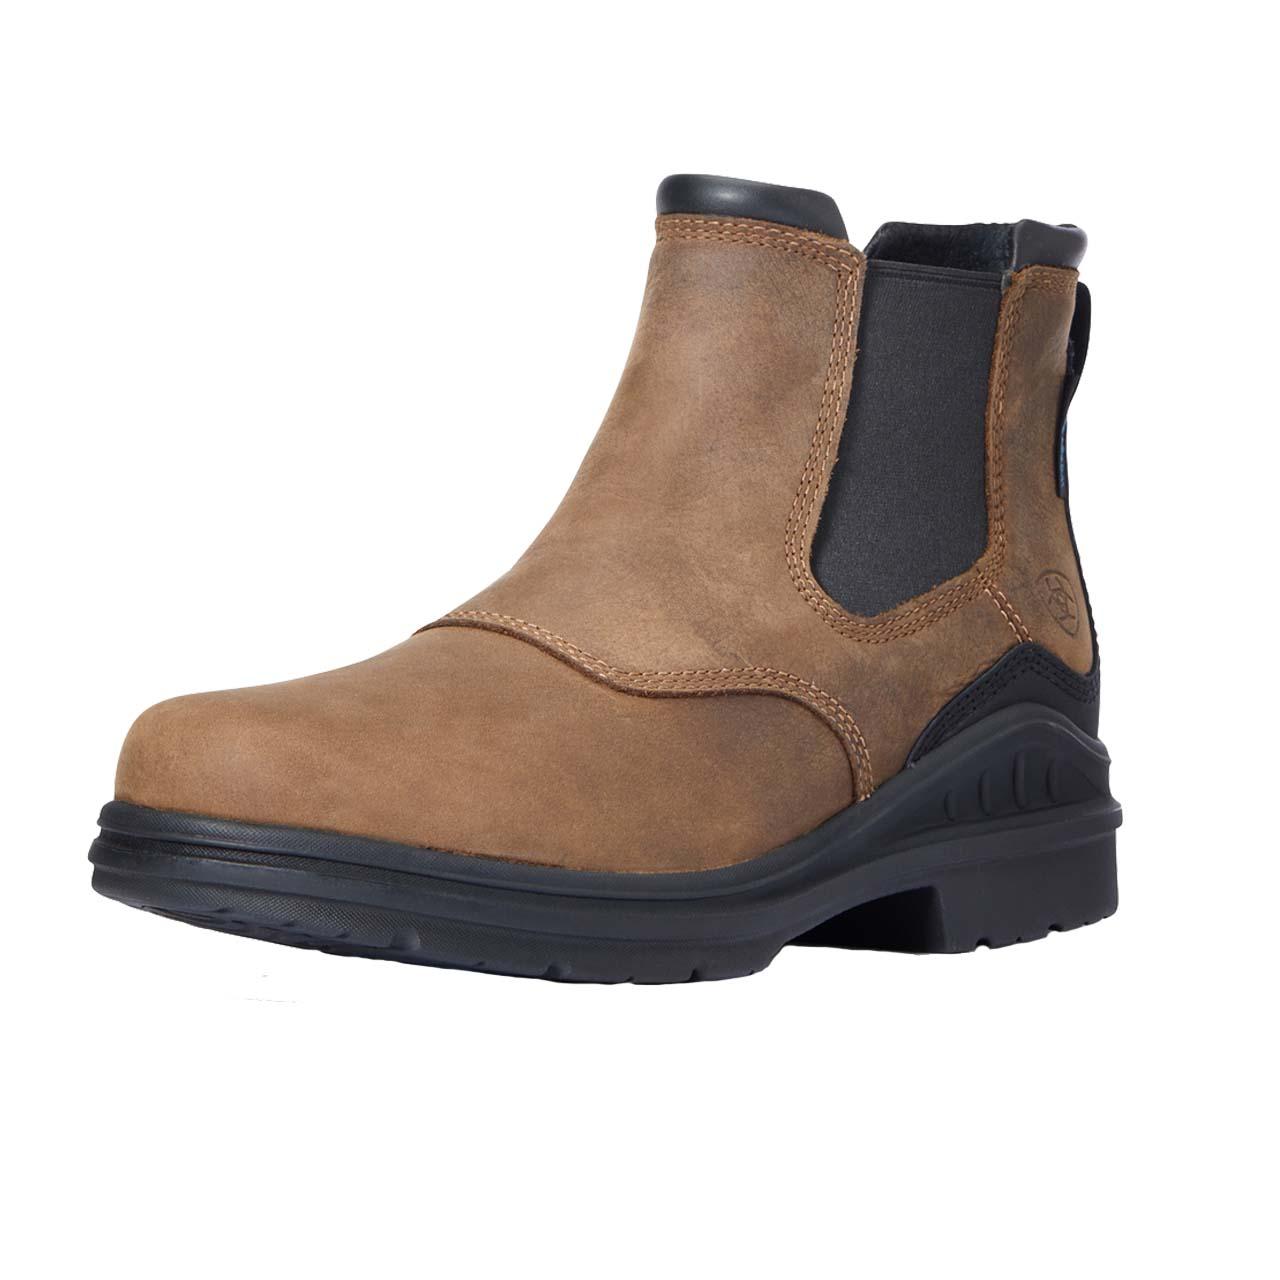 Ariat Barnyard Twin Gore II heren schoenen donkerbruin maat:44